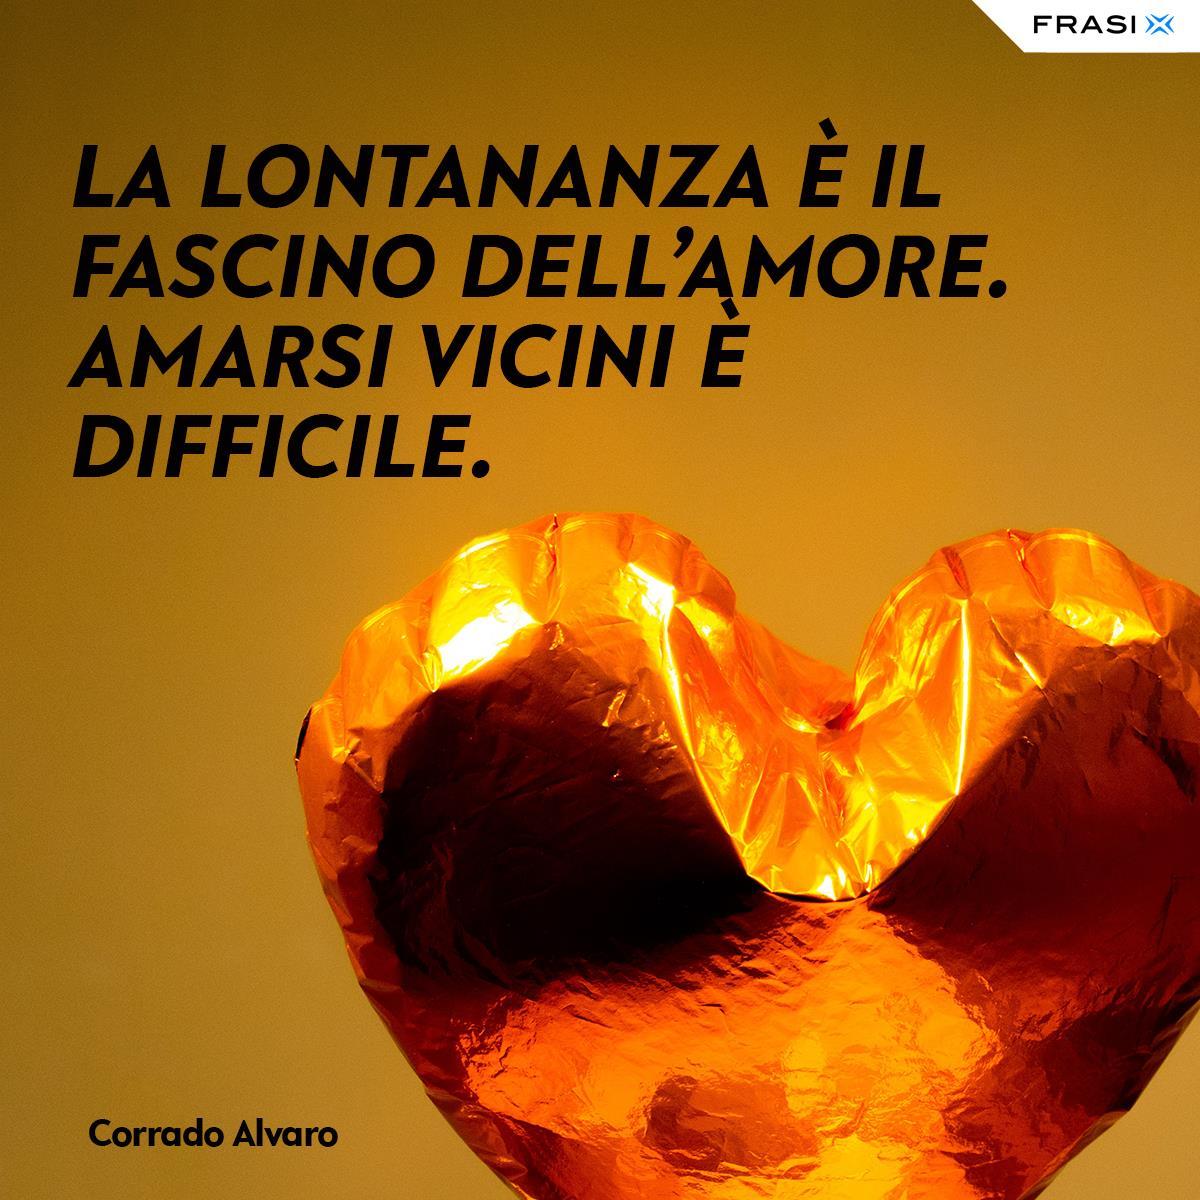 Aforismi d'amore sulla lontananza Corrado Alvaro